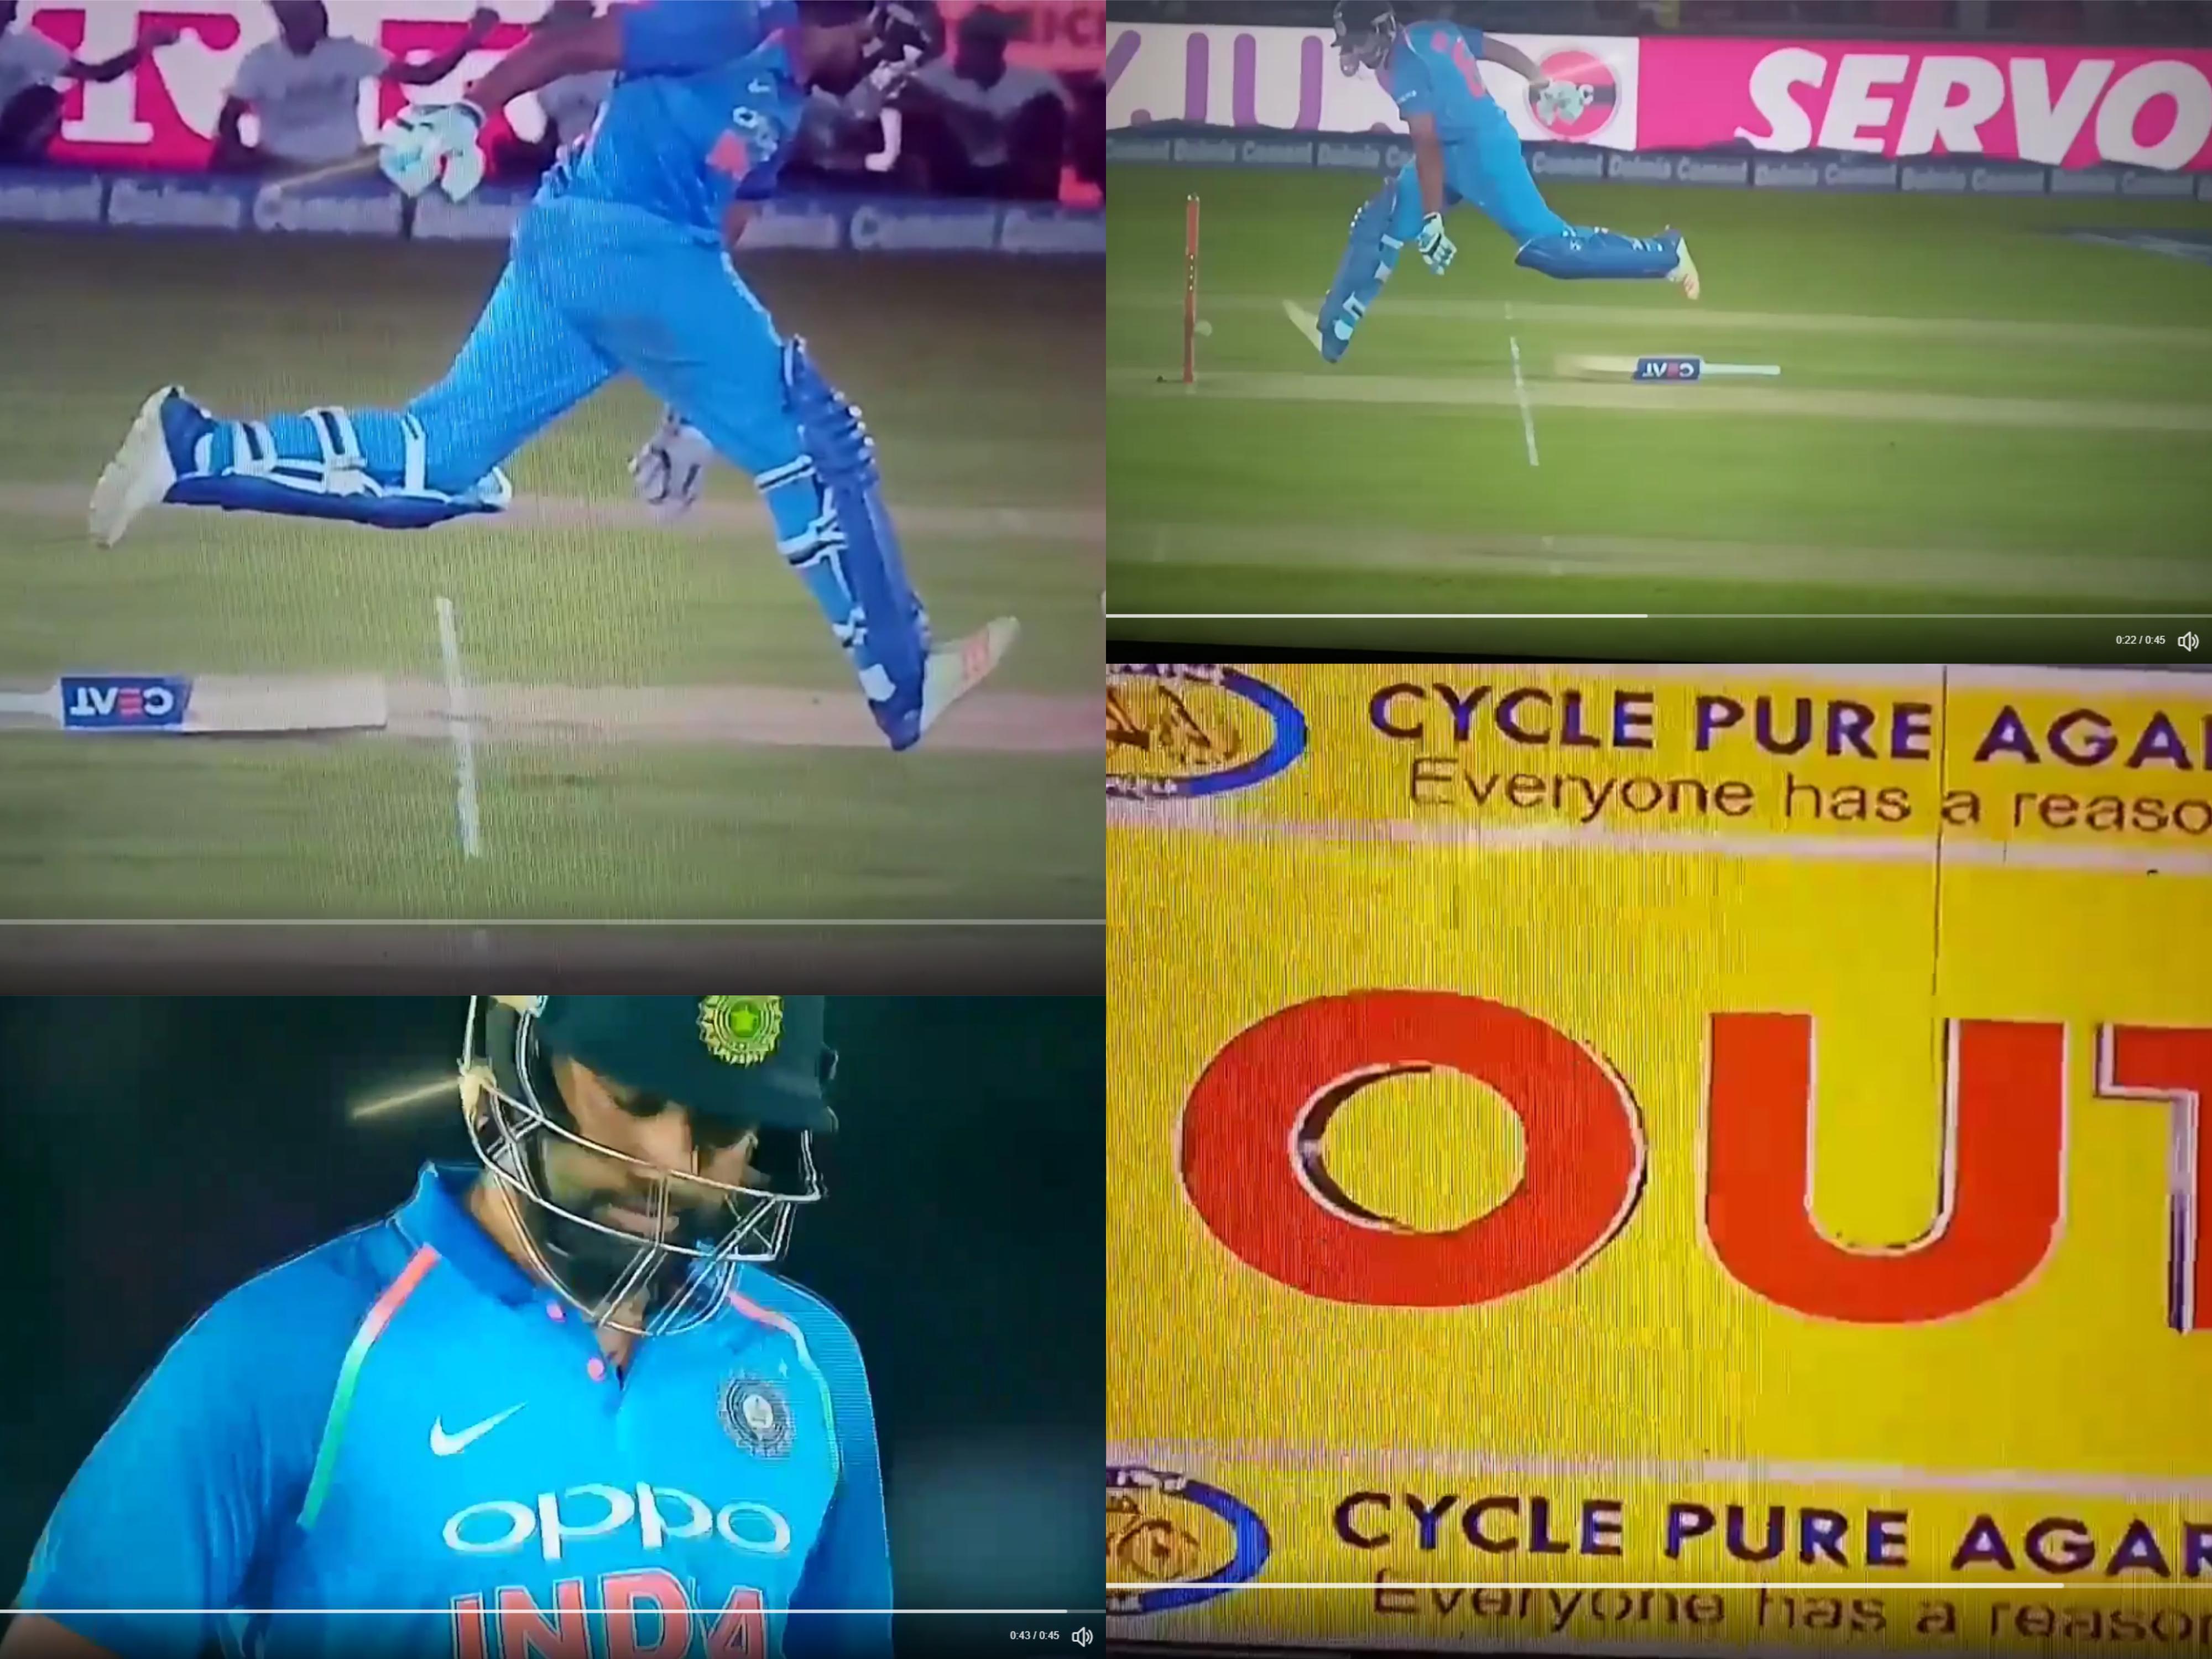 वीडियो: अजीबोगरीब तरीके से आउट हुए रोहित शर्मा, कप्तान कोहली समेत जिसने भी देखा नहीं रुकी कुछ देर तक हँसी 64